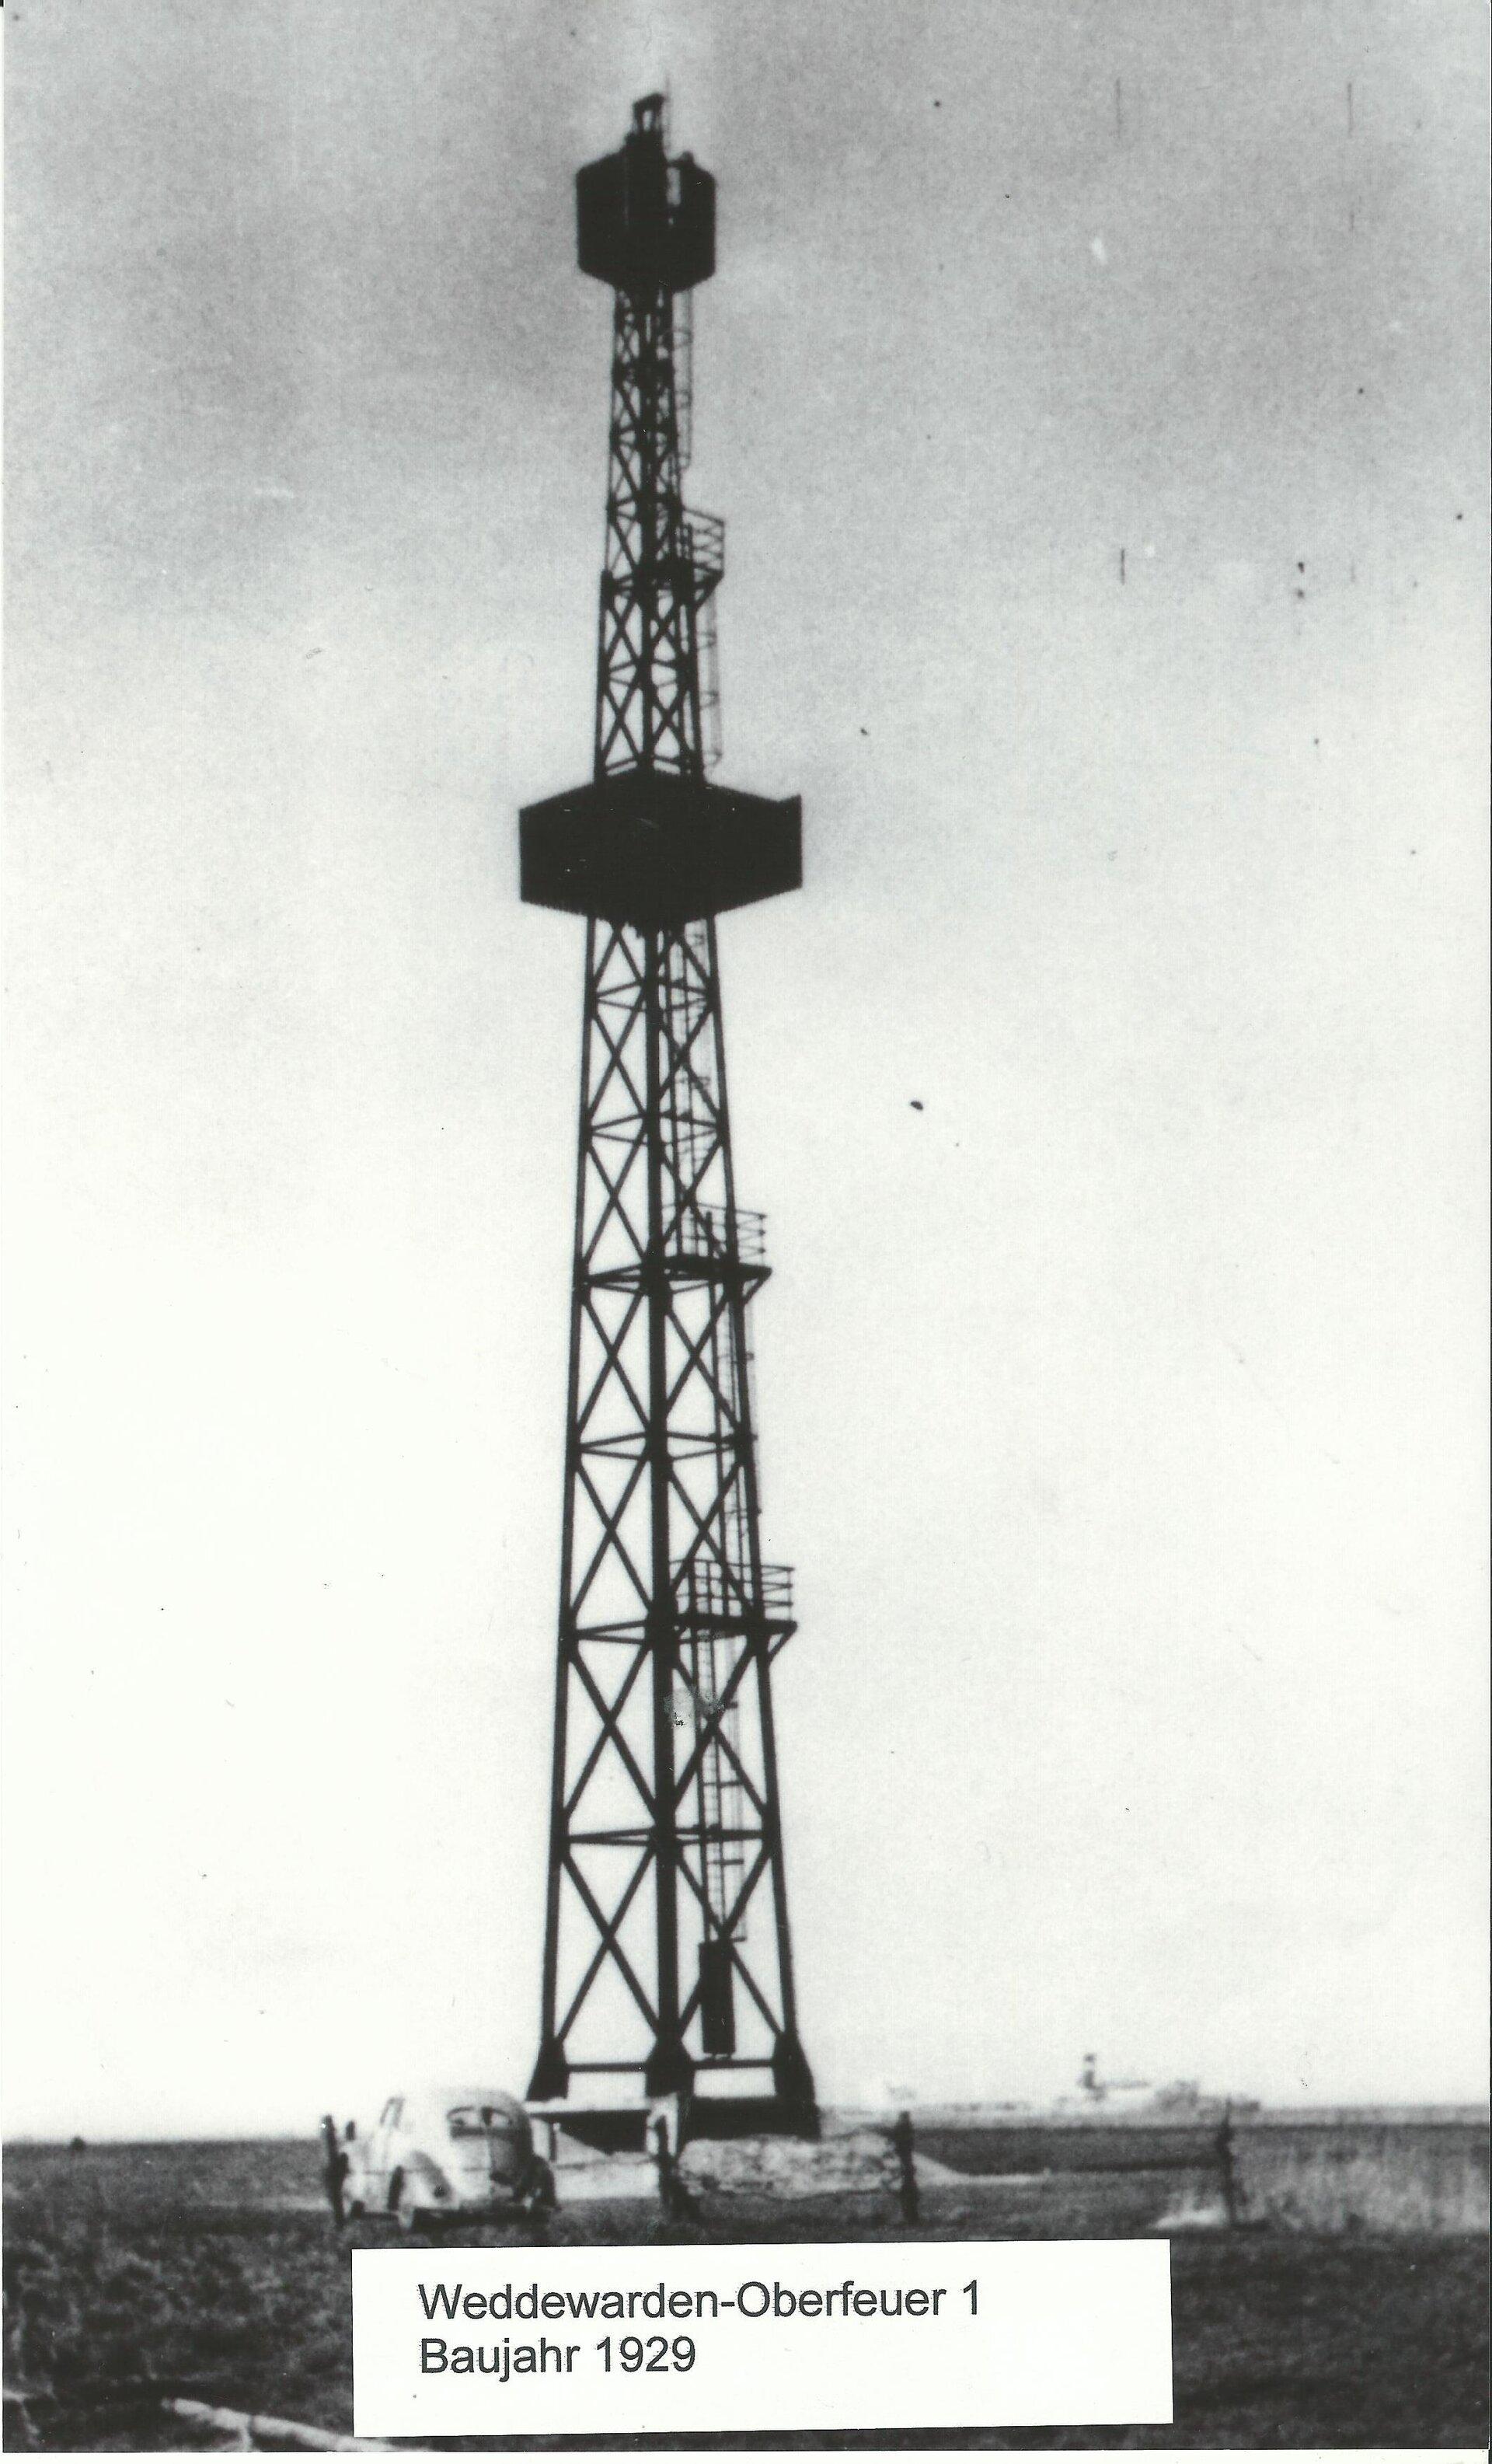 Weddewarden Oberfeuer 1929